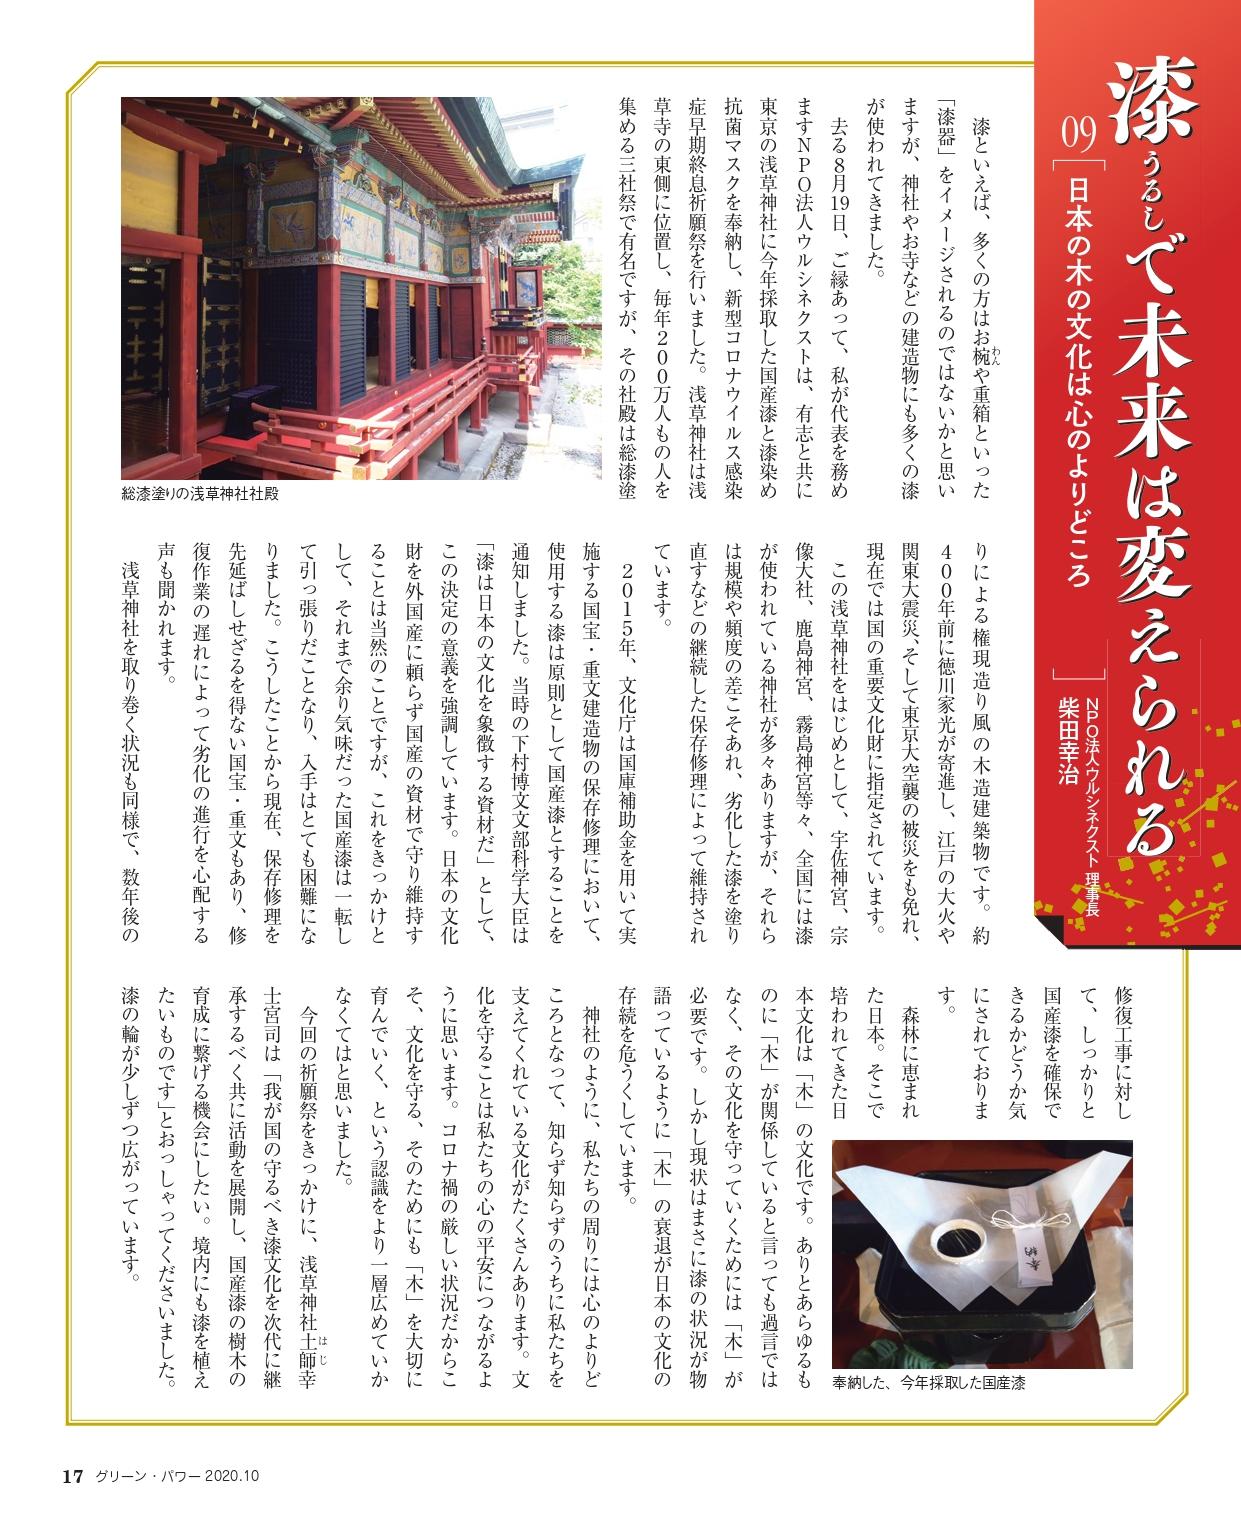 日本の木の文化は心のよりどころ-森林文化協会グリーンパワー誌掲載